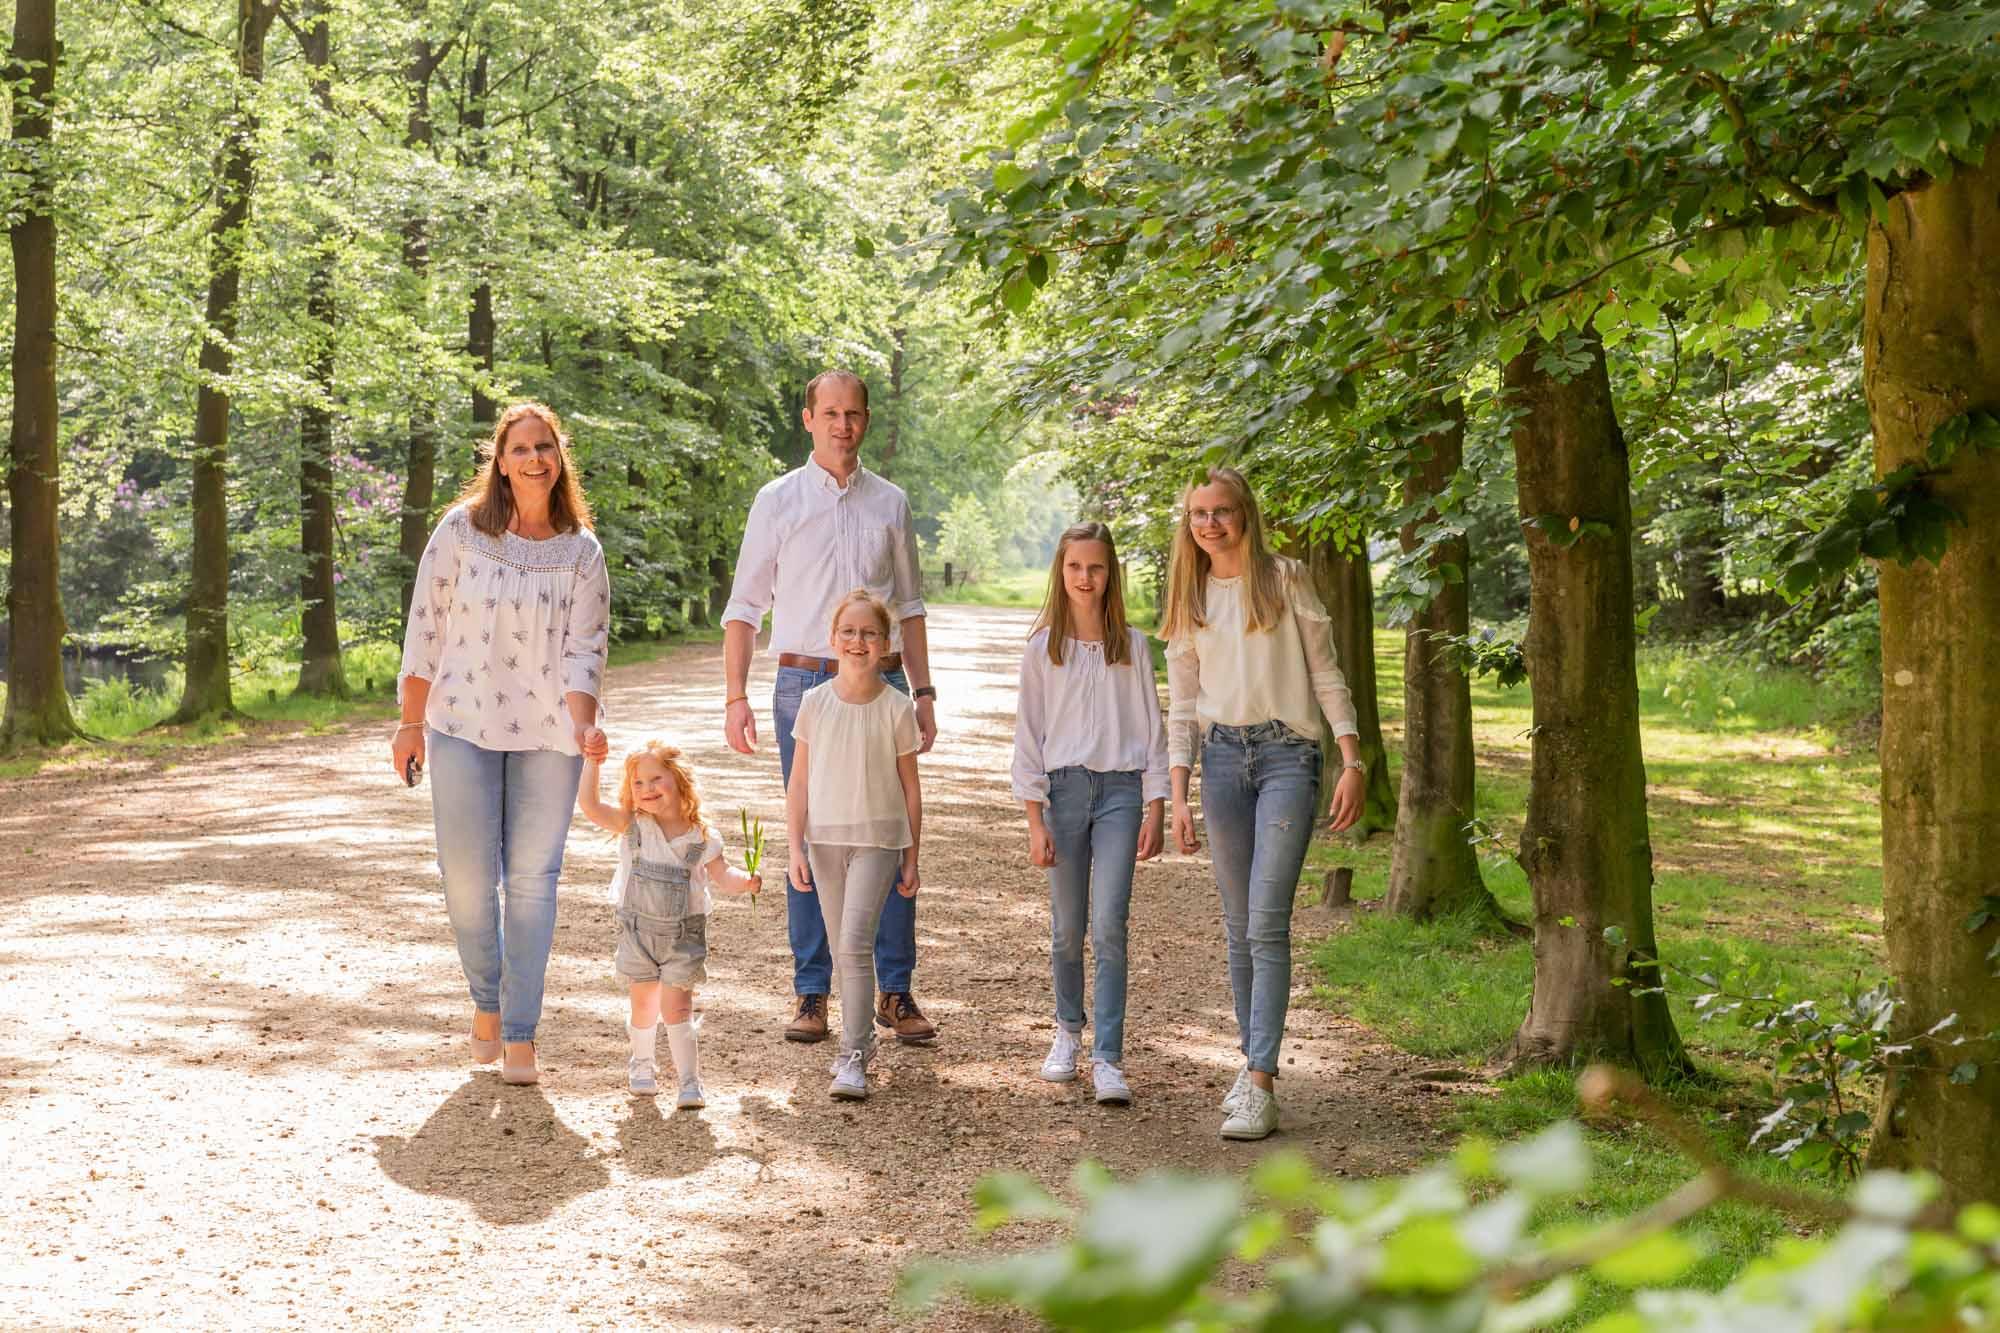 foto van gezin met 4 dochters wandelend in het park door mayrafotografie